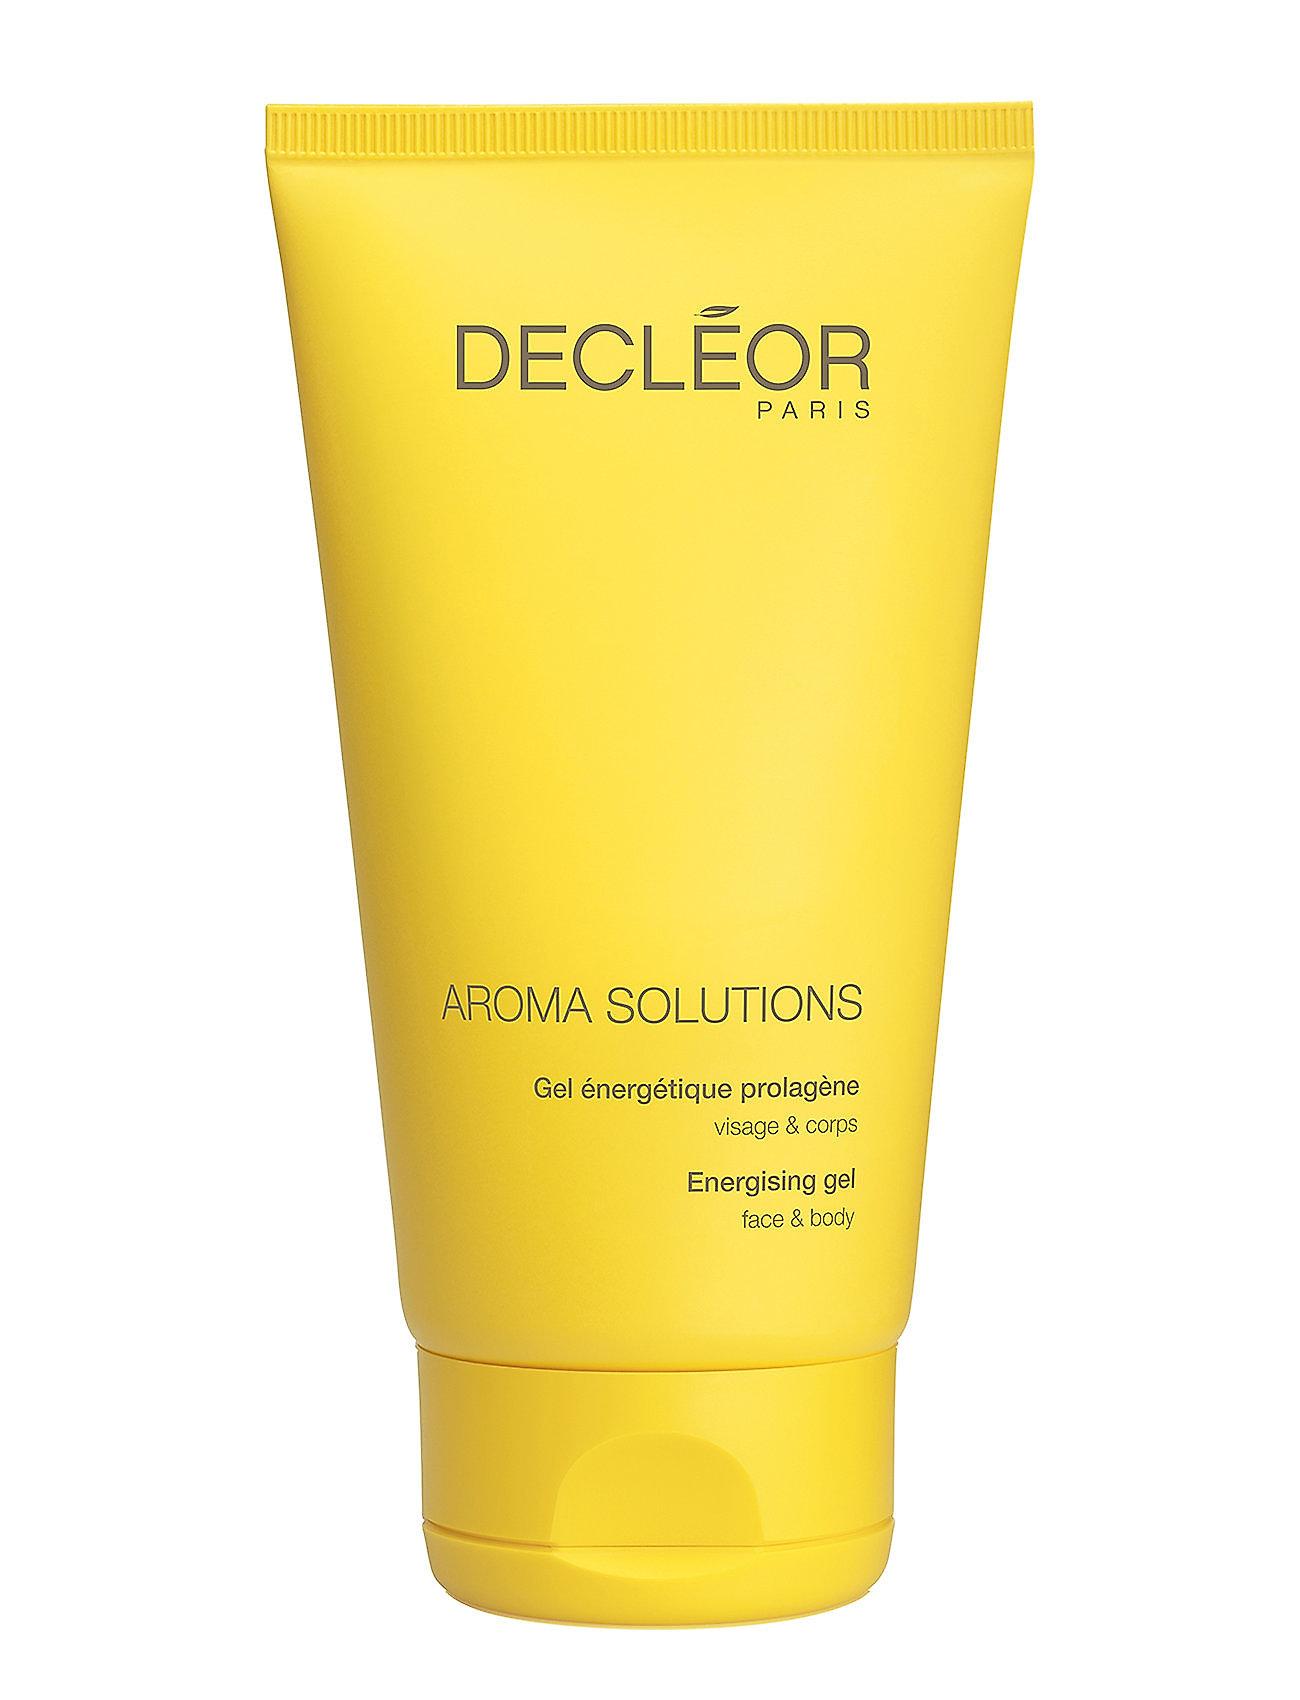 Decléor Proline Prolagene Gel - CLEAR